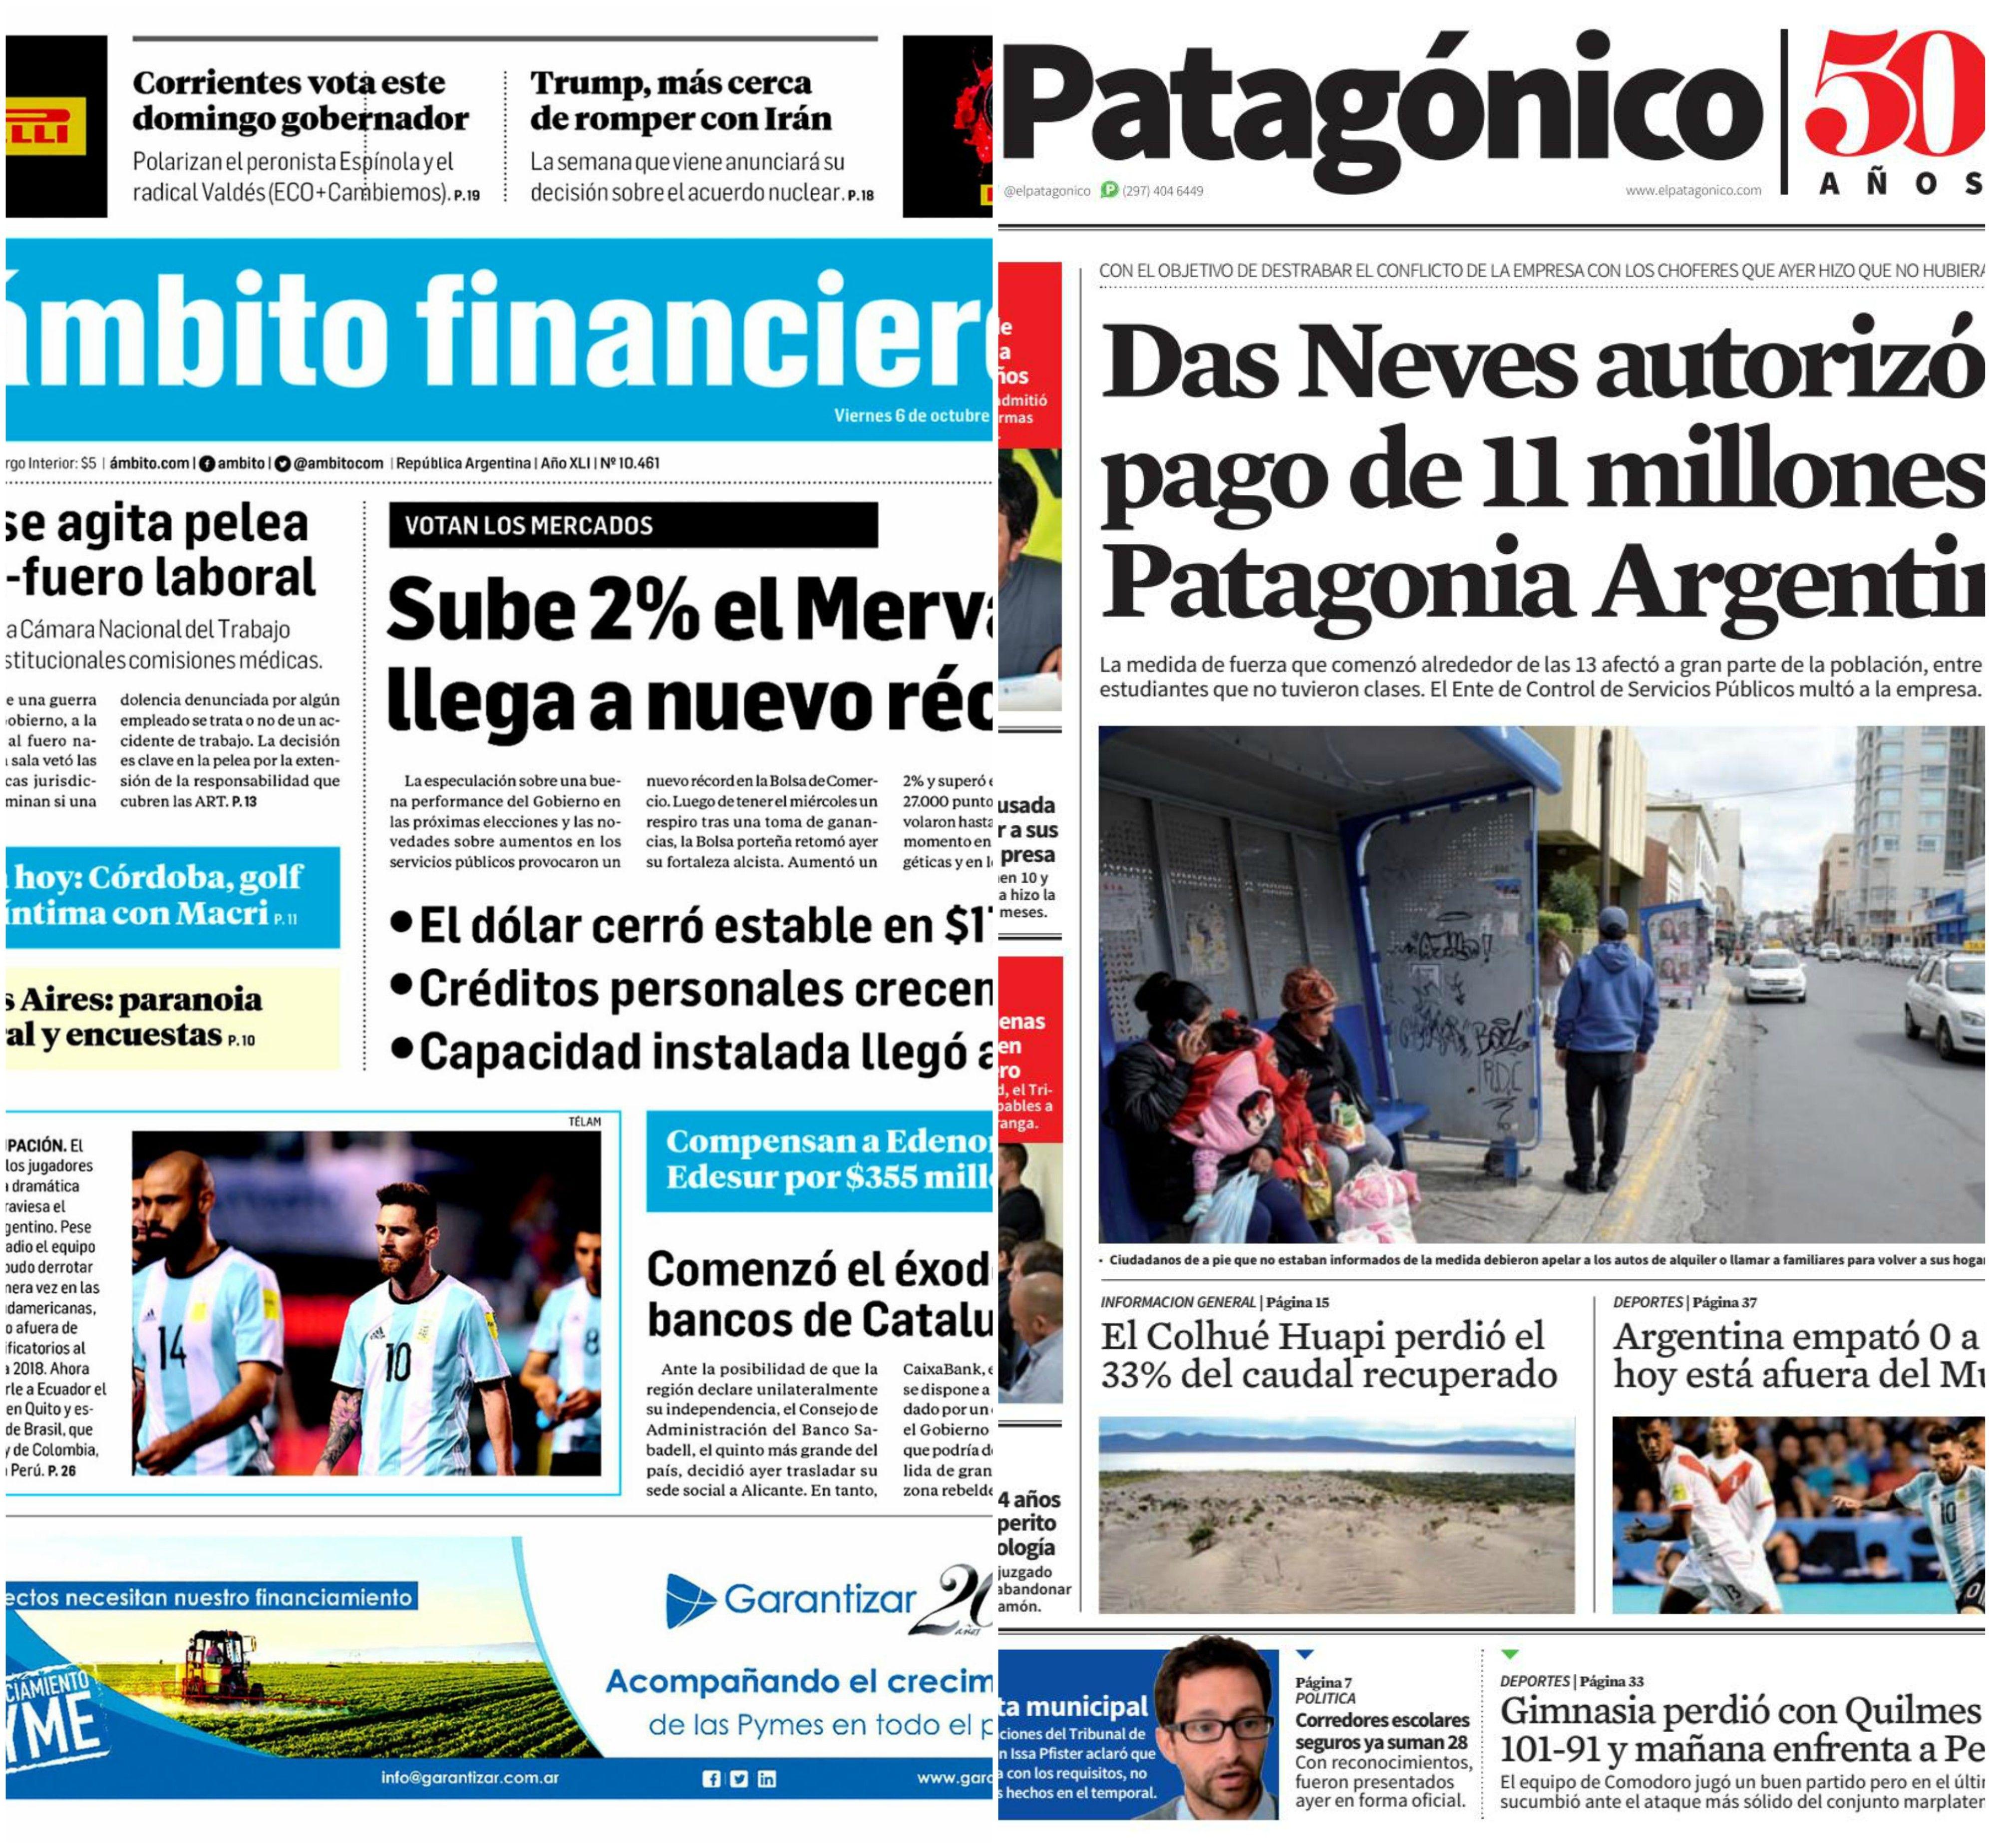 Tapas de diarios del viernes 6 de octubre de 2017